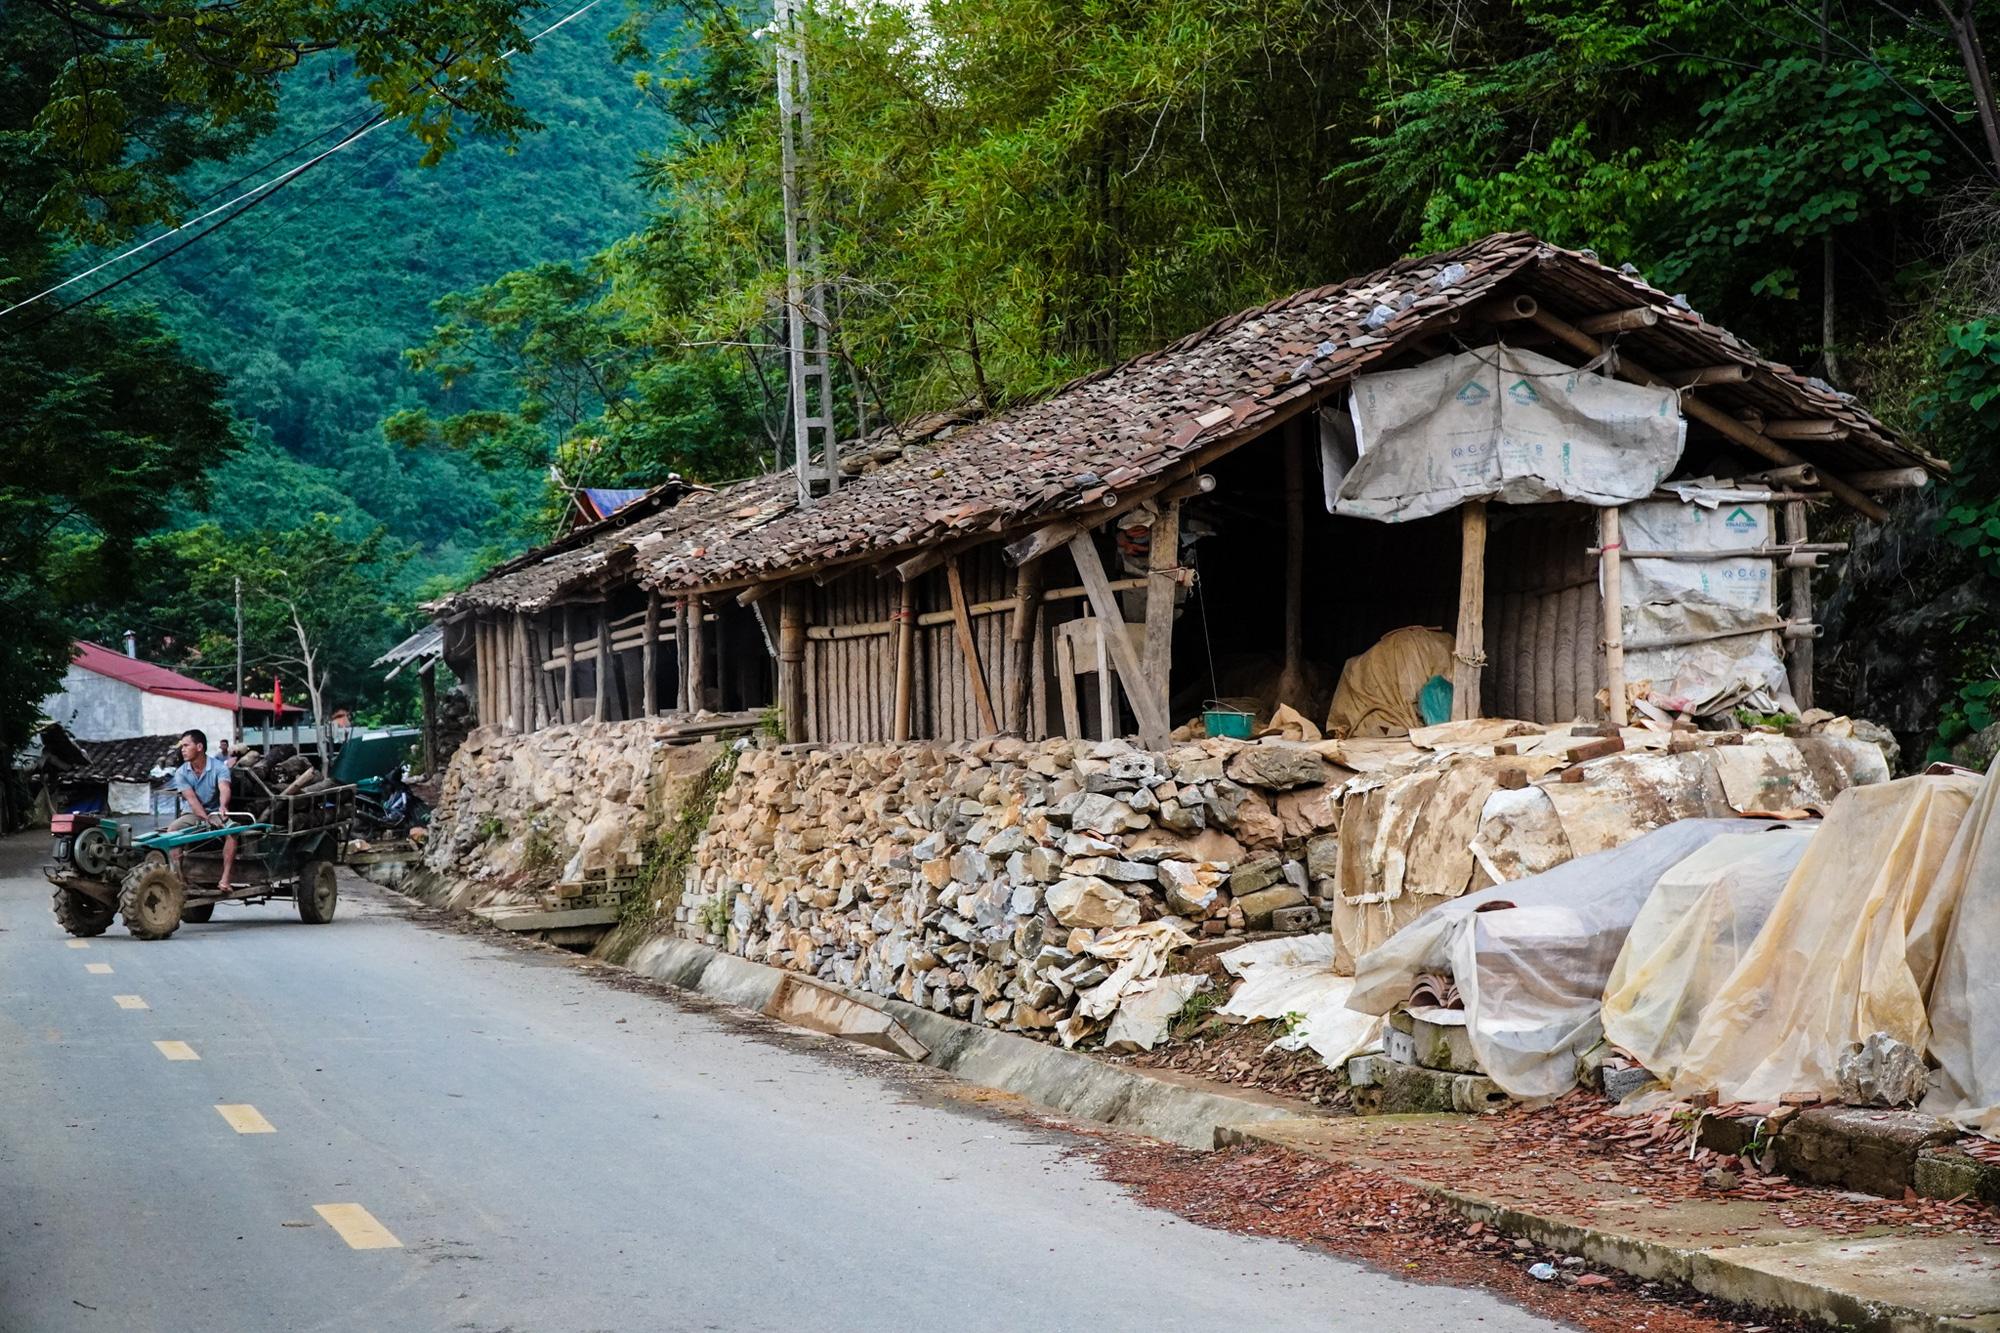 Ngôi làng cuối cùng giữ nghề làm ngói lưu ly ở miền biên viễn Lạng Sơn - Ảnh 1.